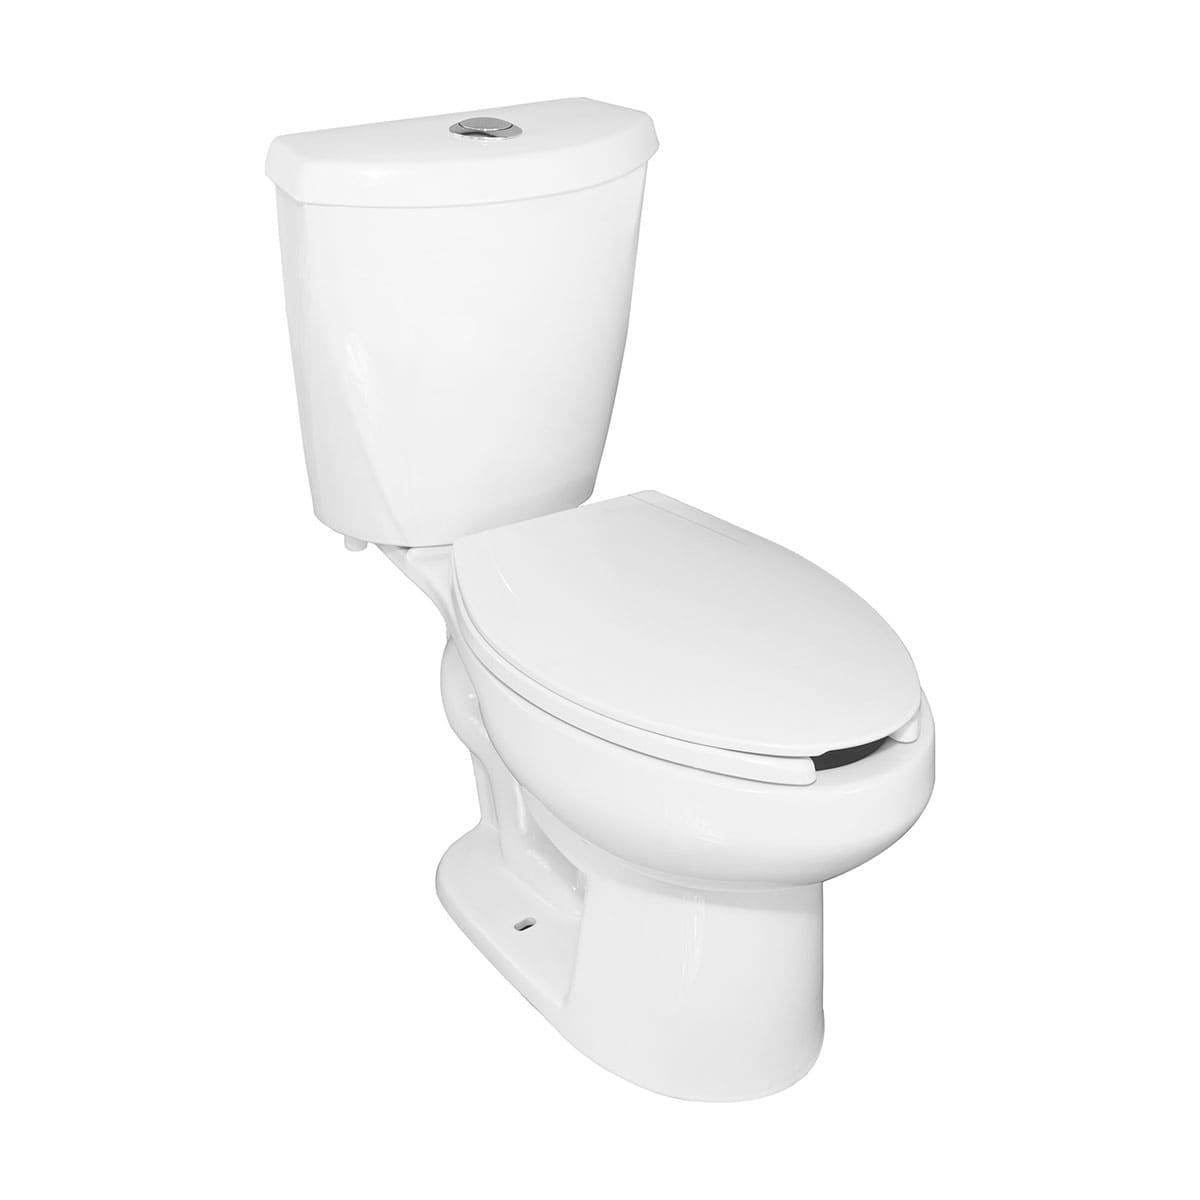 wc-austral-2p